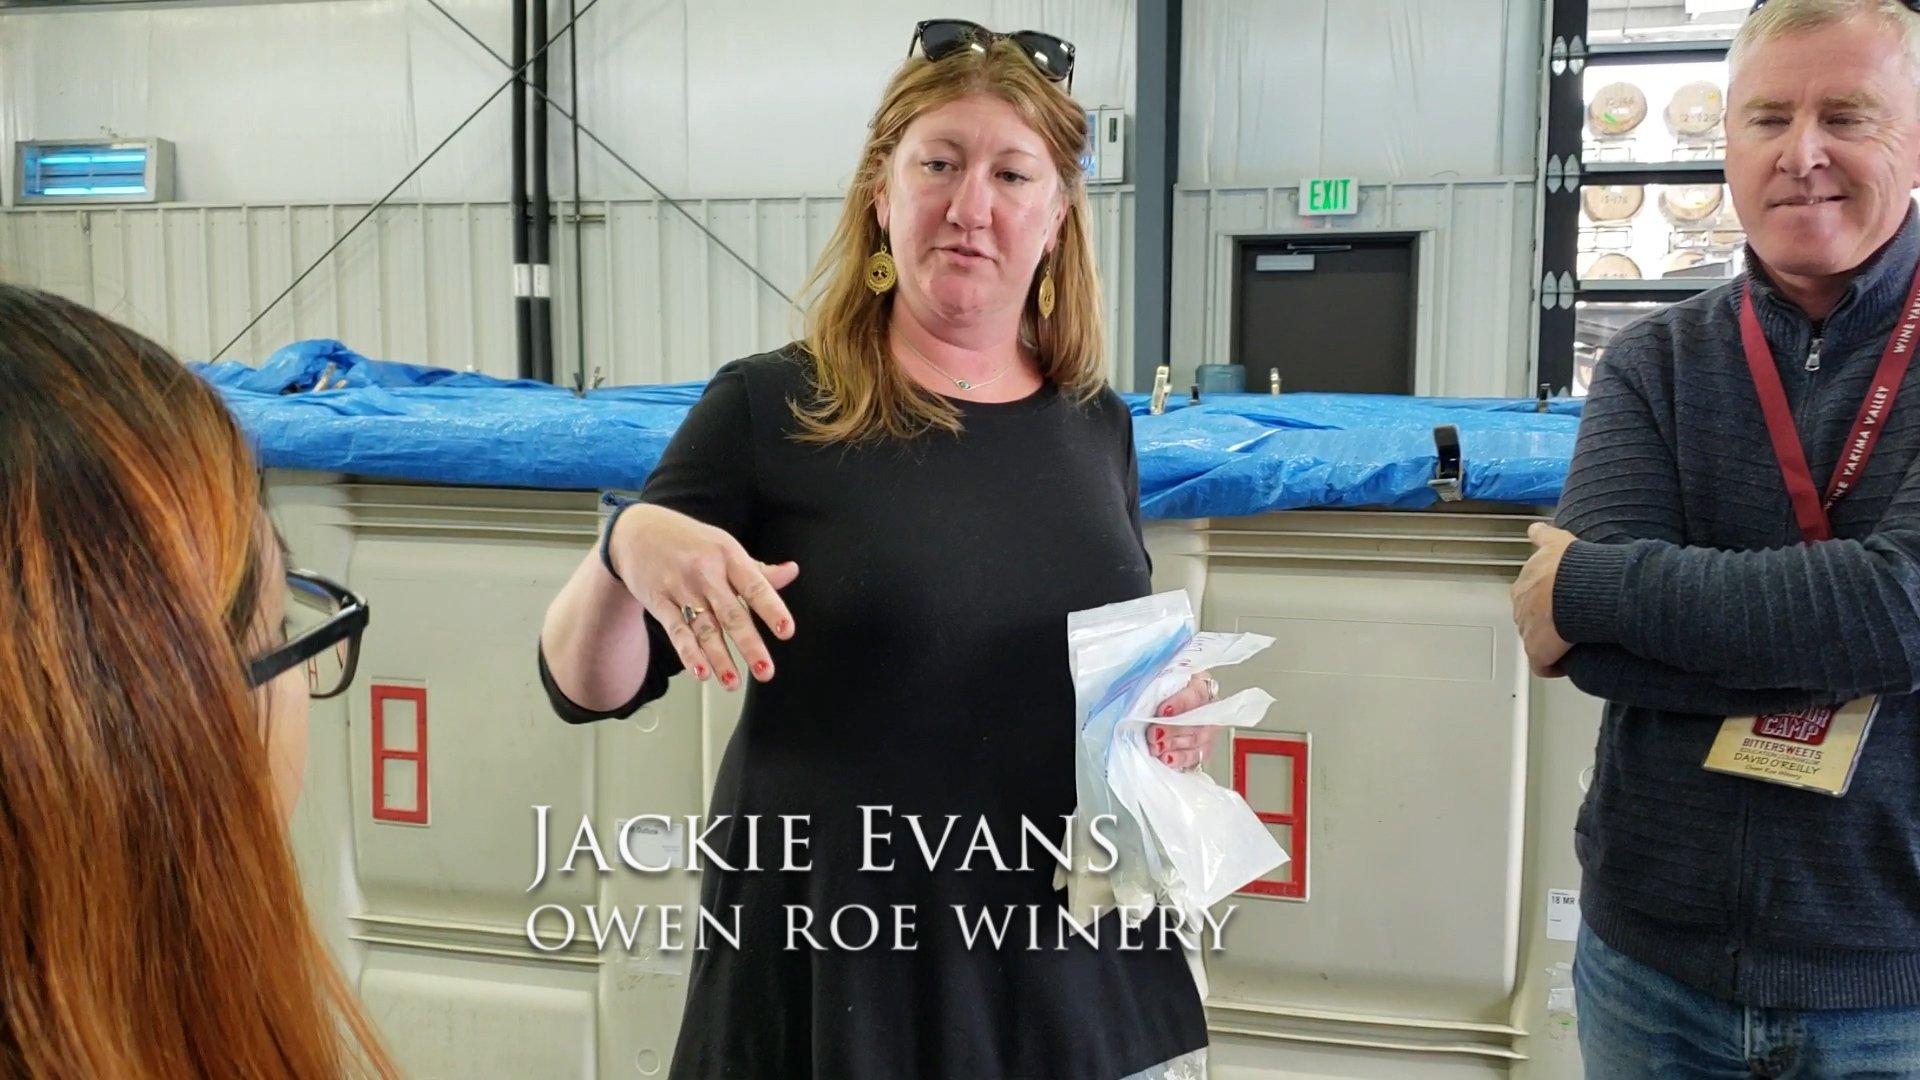 Jackie Evans, Owen Roe Winery, Winemaker